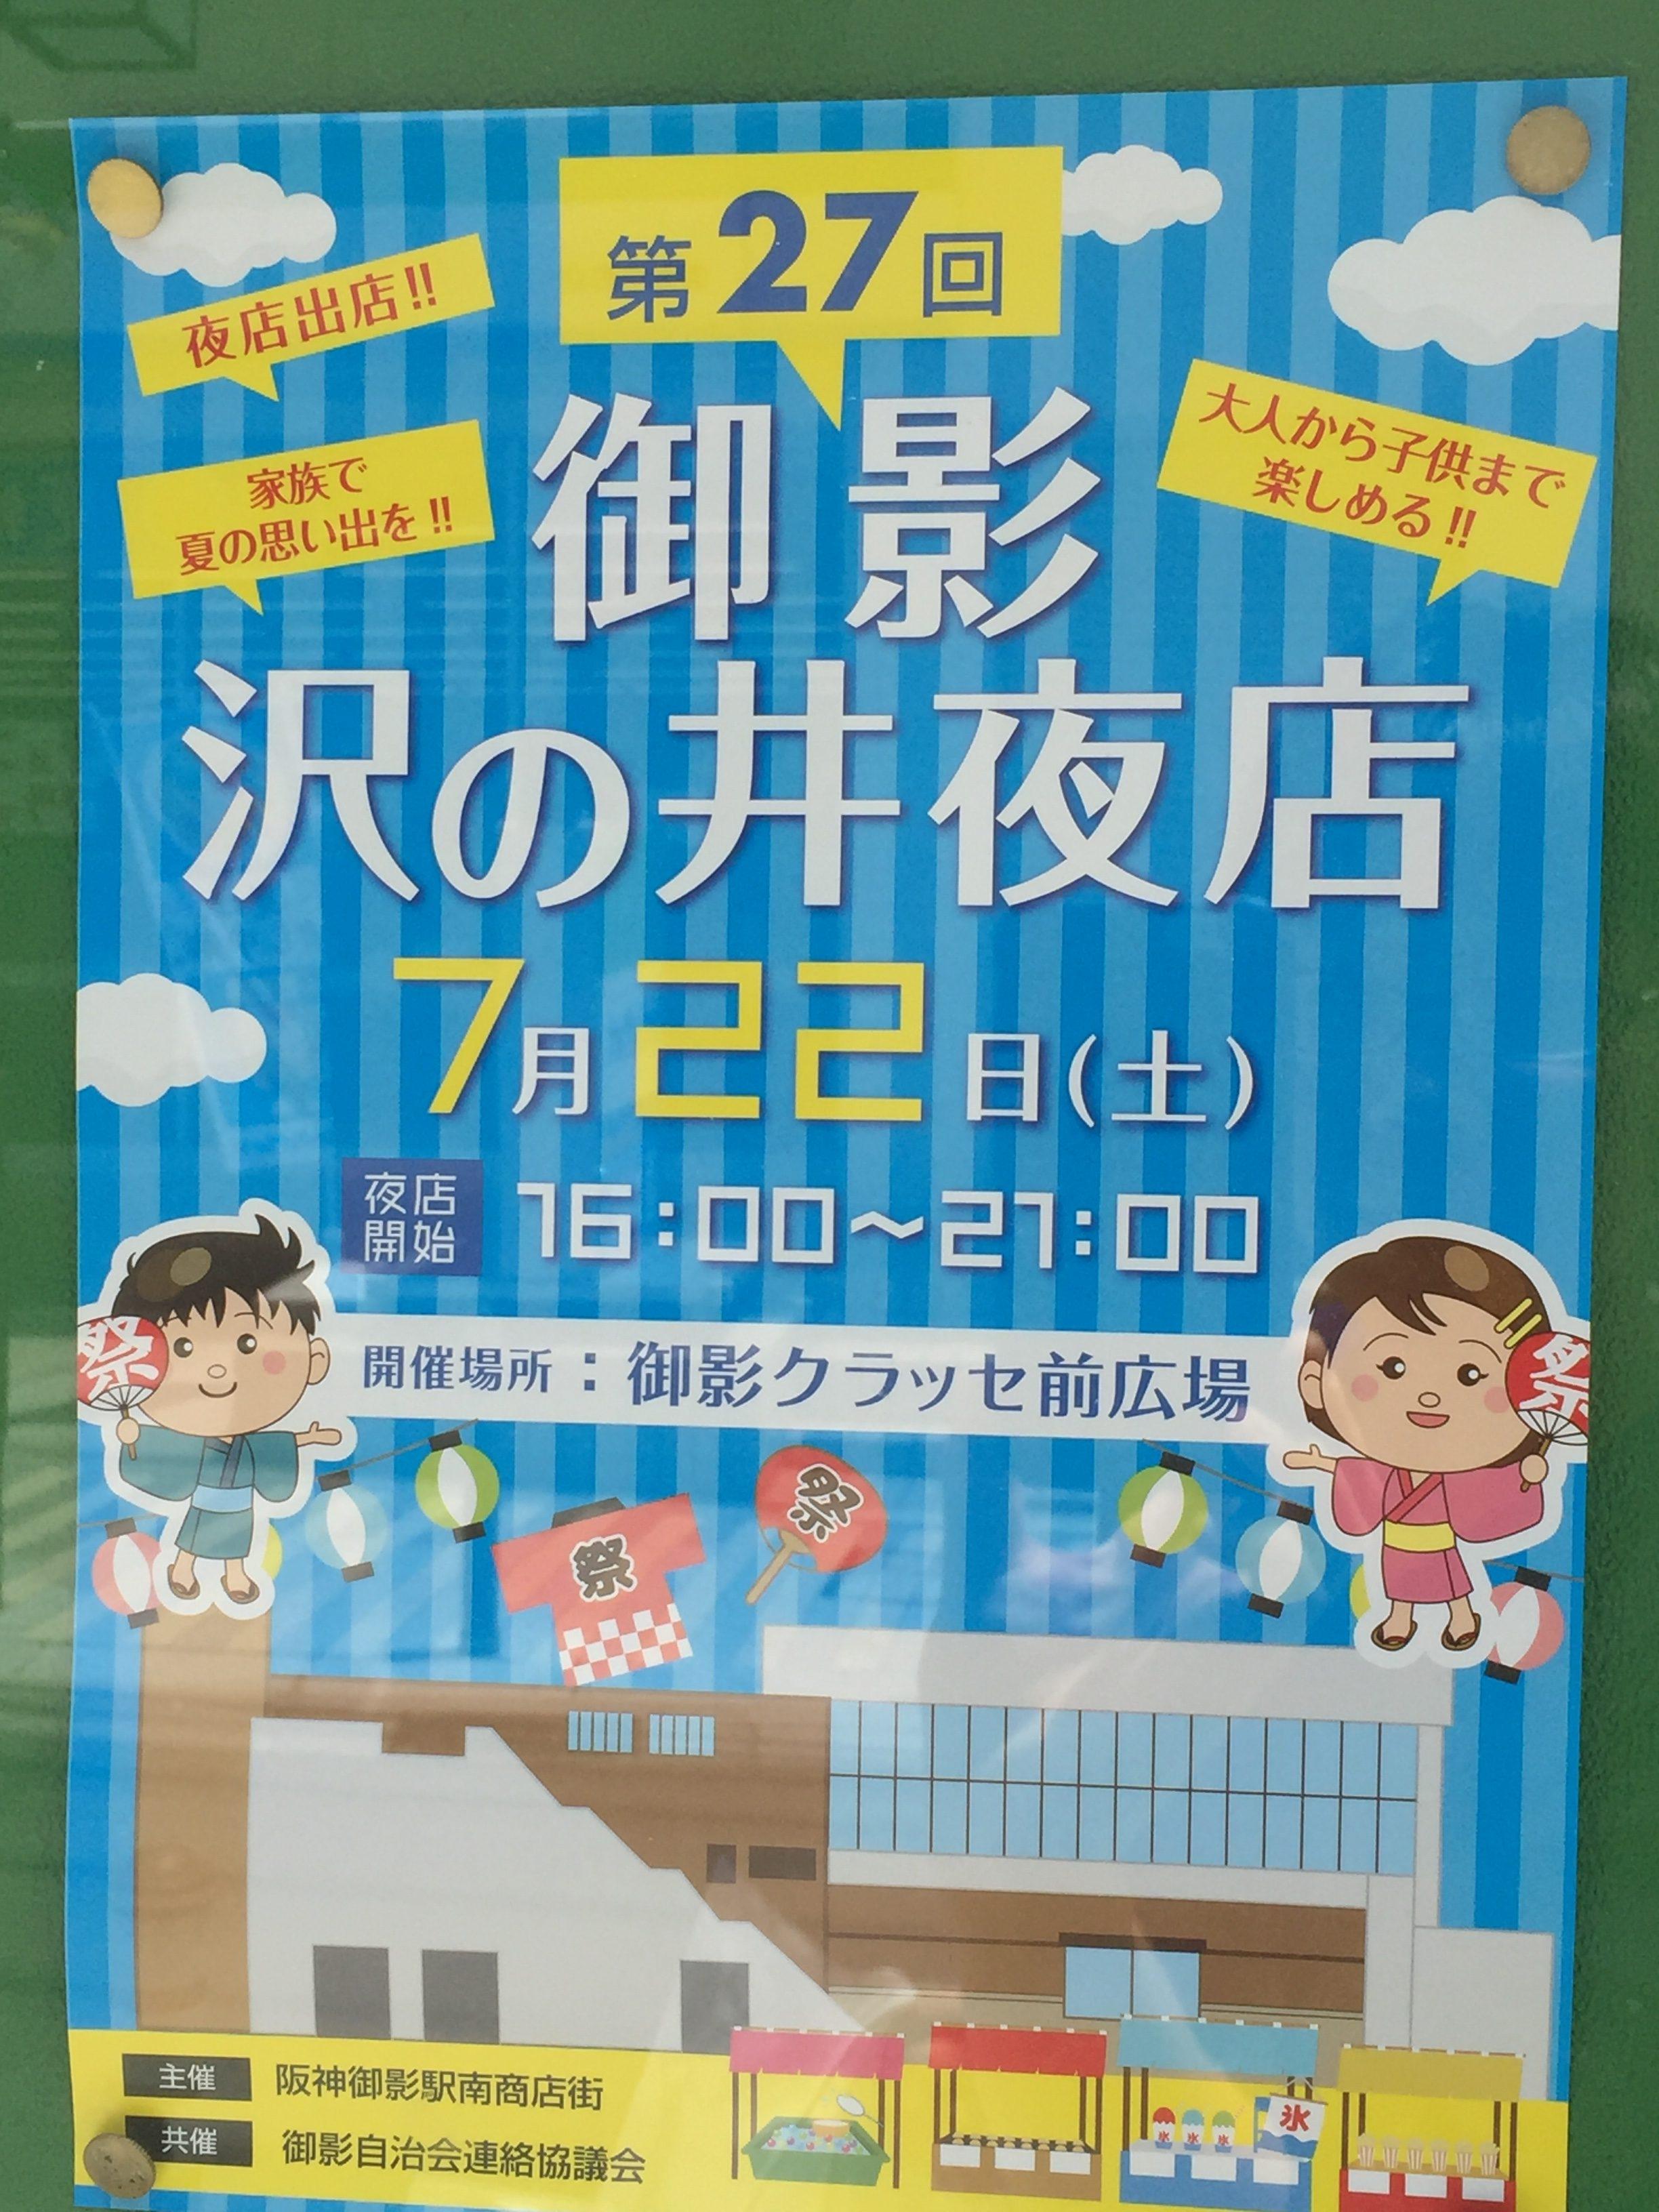 神戸・御影クラッセで7/22(土)「沢の井夜店」が開催されるよ【イベント告知】#縁日